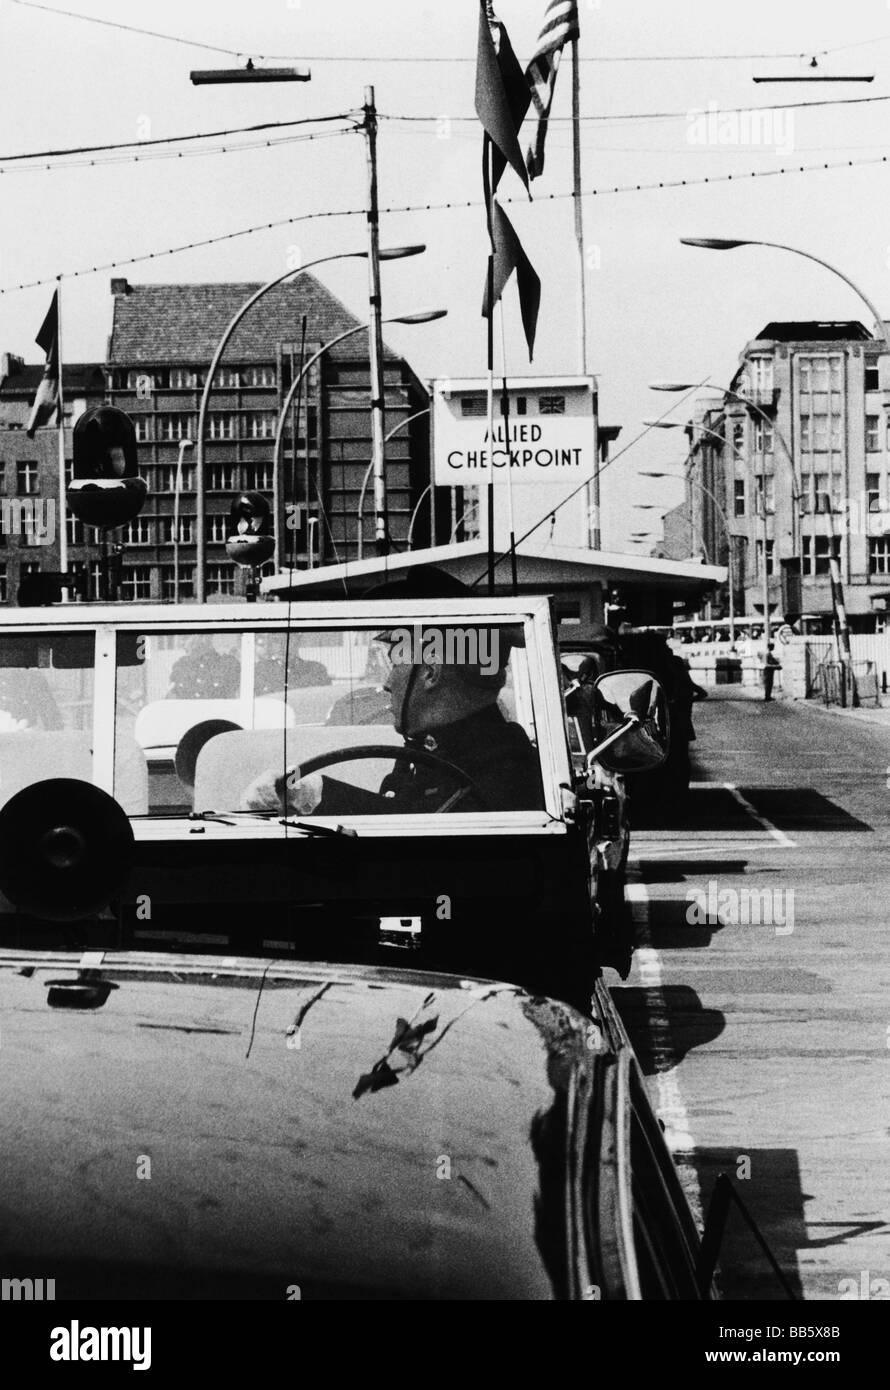 Geografía / viajes, Alemania, Berlín, Muro, Checkpoint Charlie, paso fronterizo de los Aliados, Friedrichstrasse, Imagen De Stock